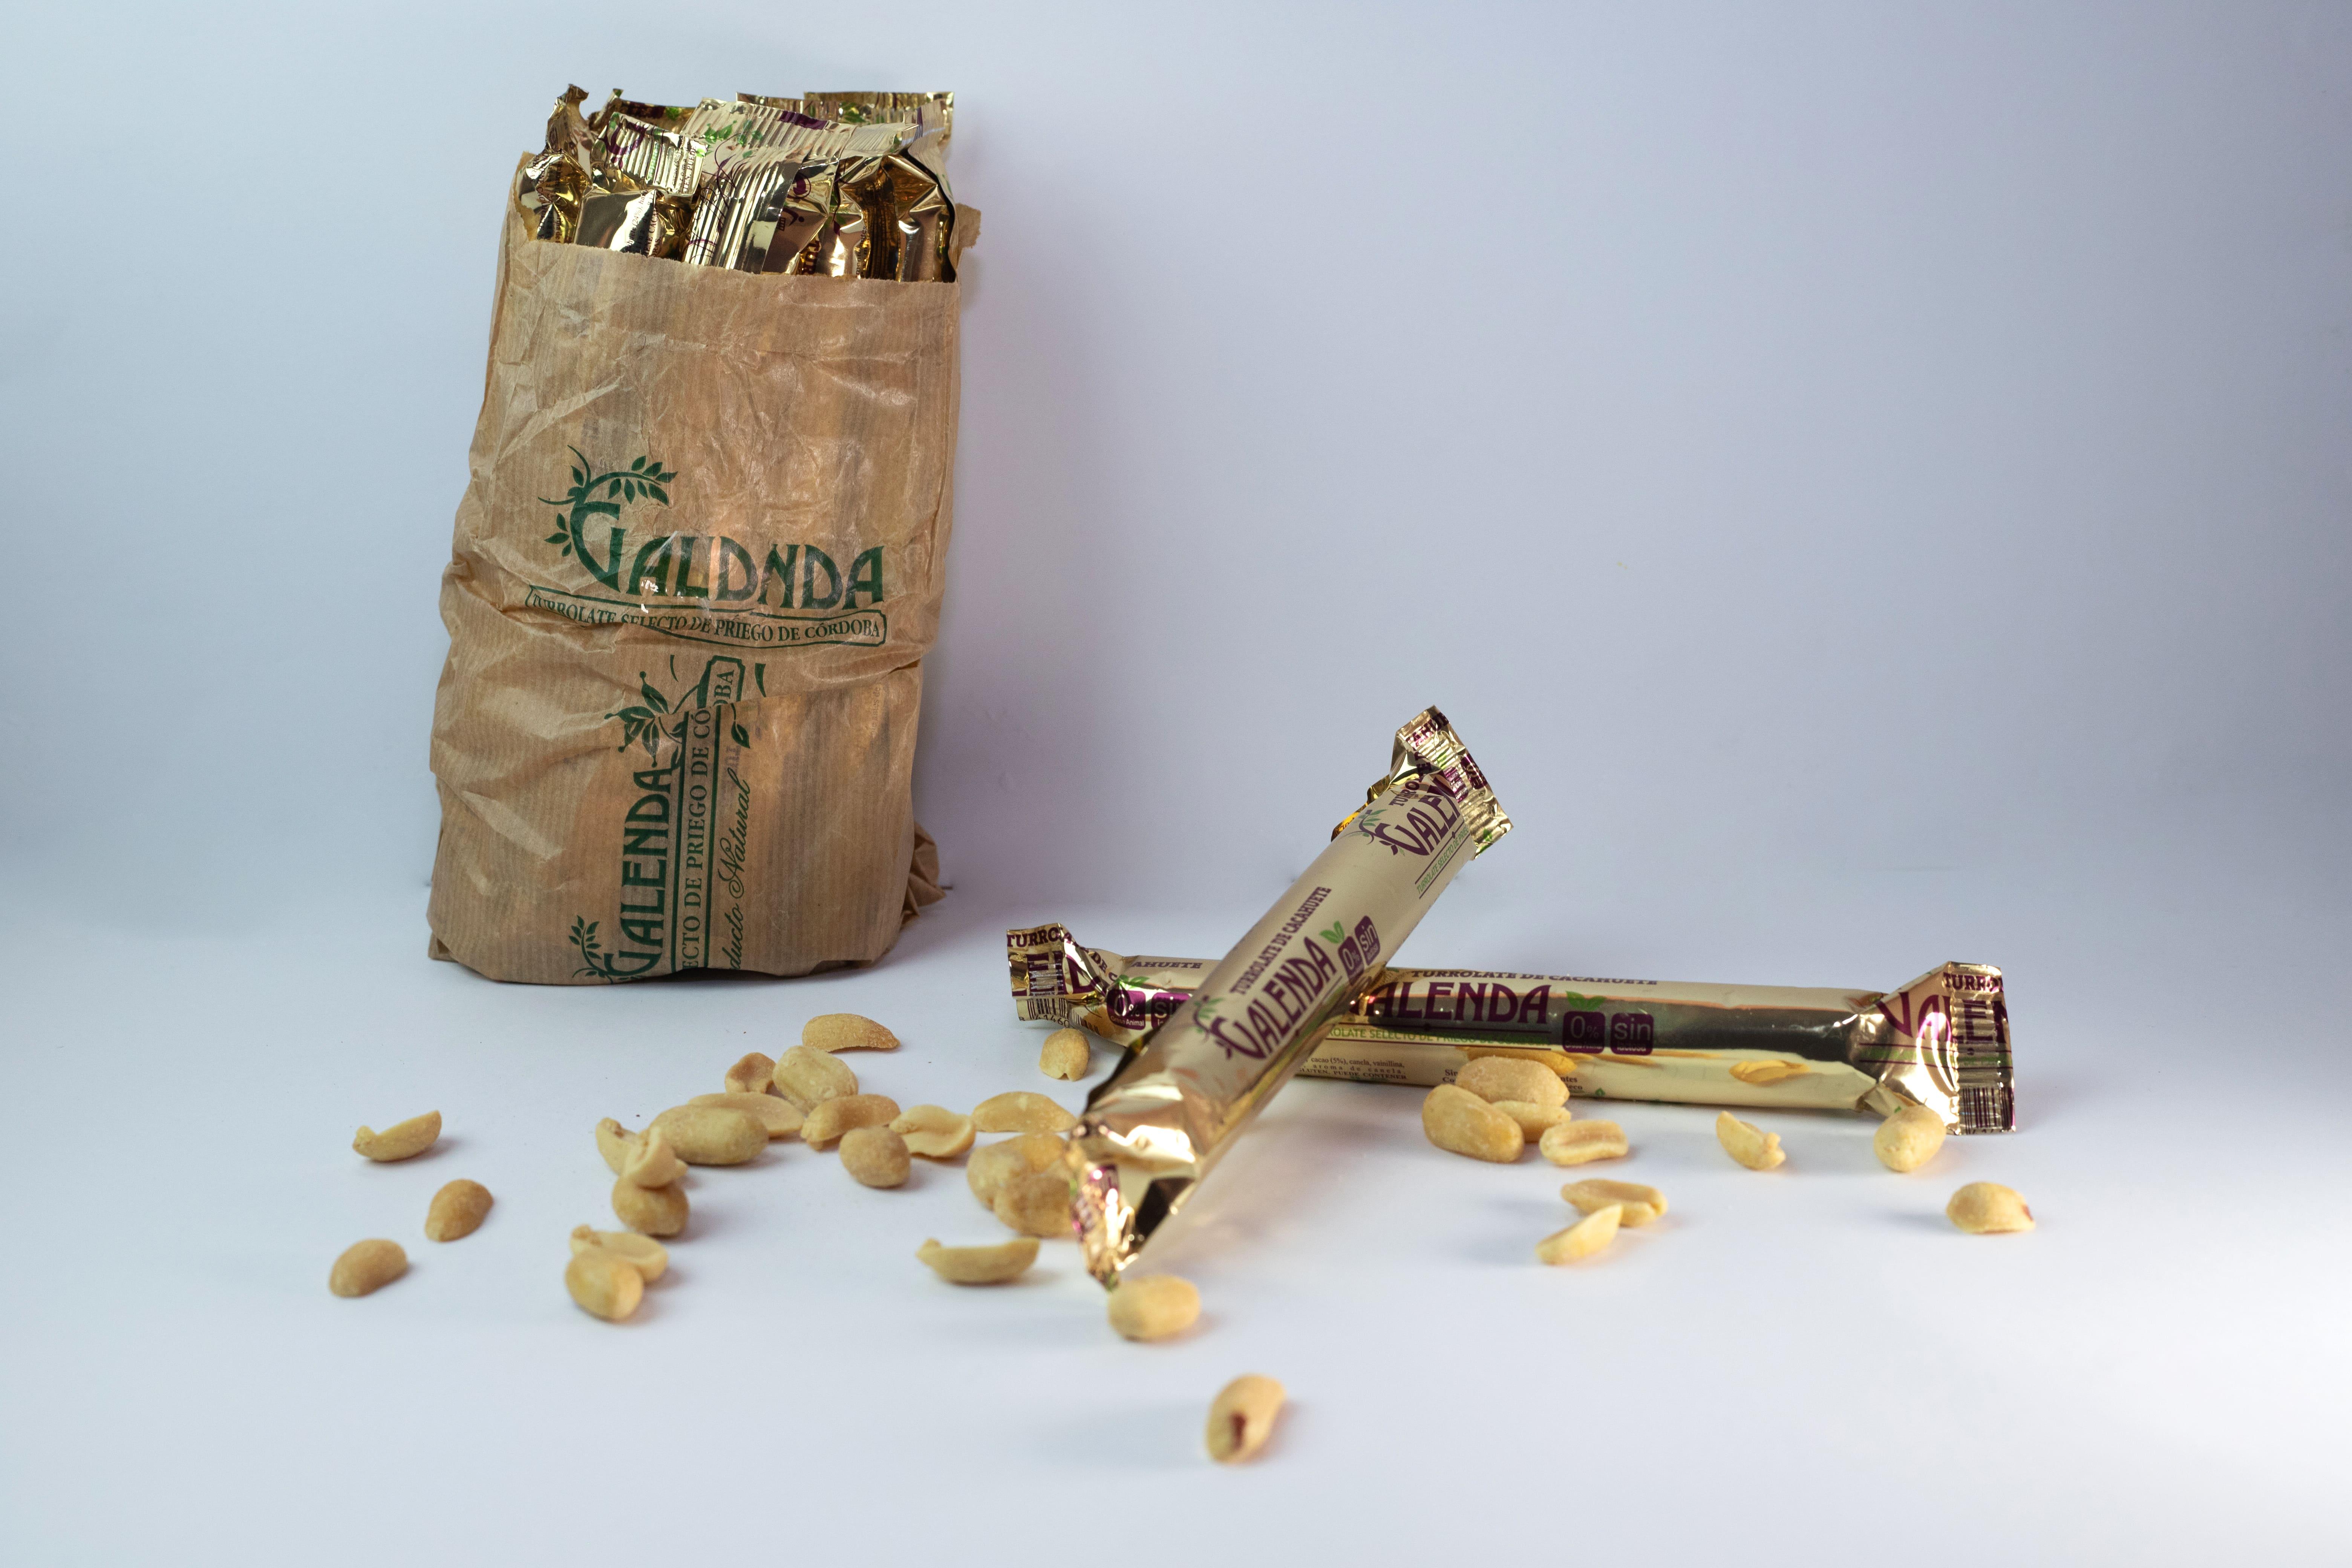 turrolate de cacahuete galenda